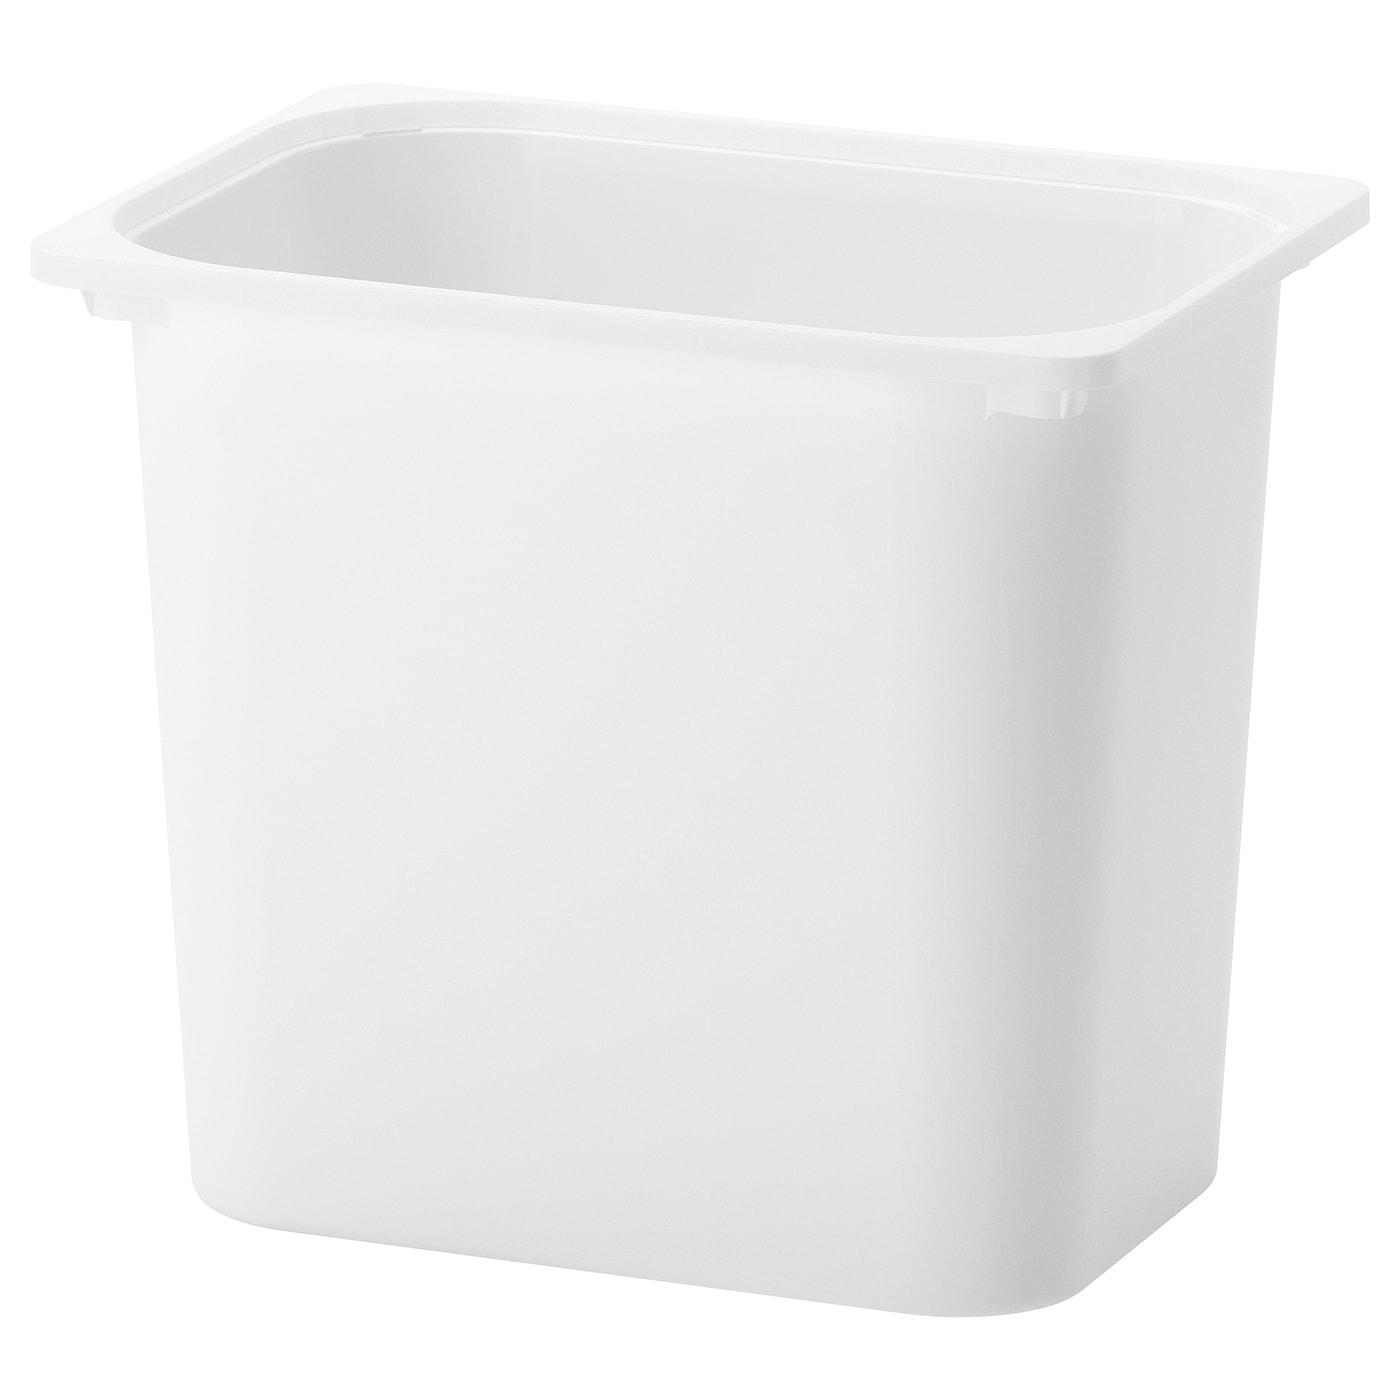 TROFAST toy storage - IKEA